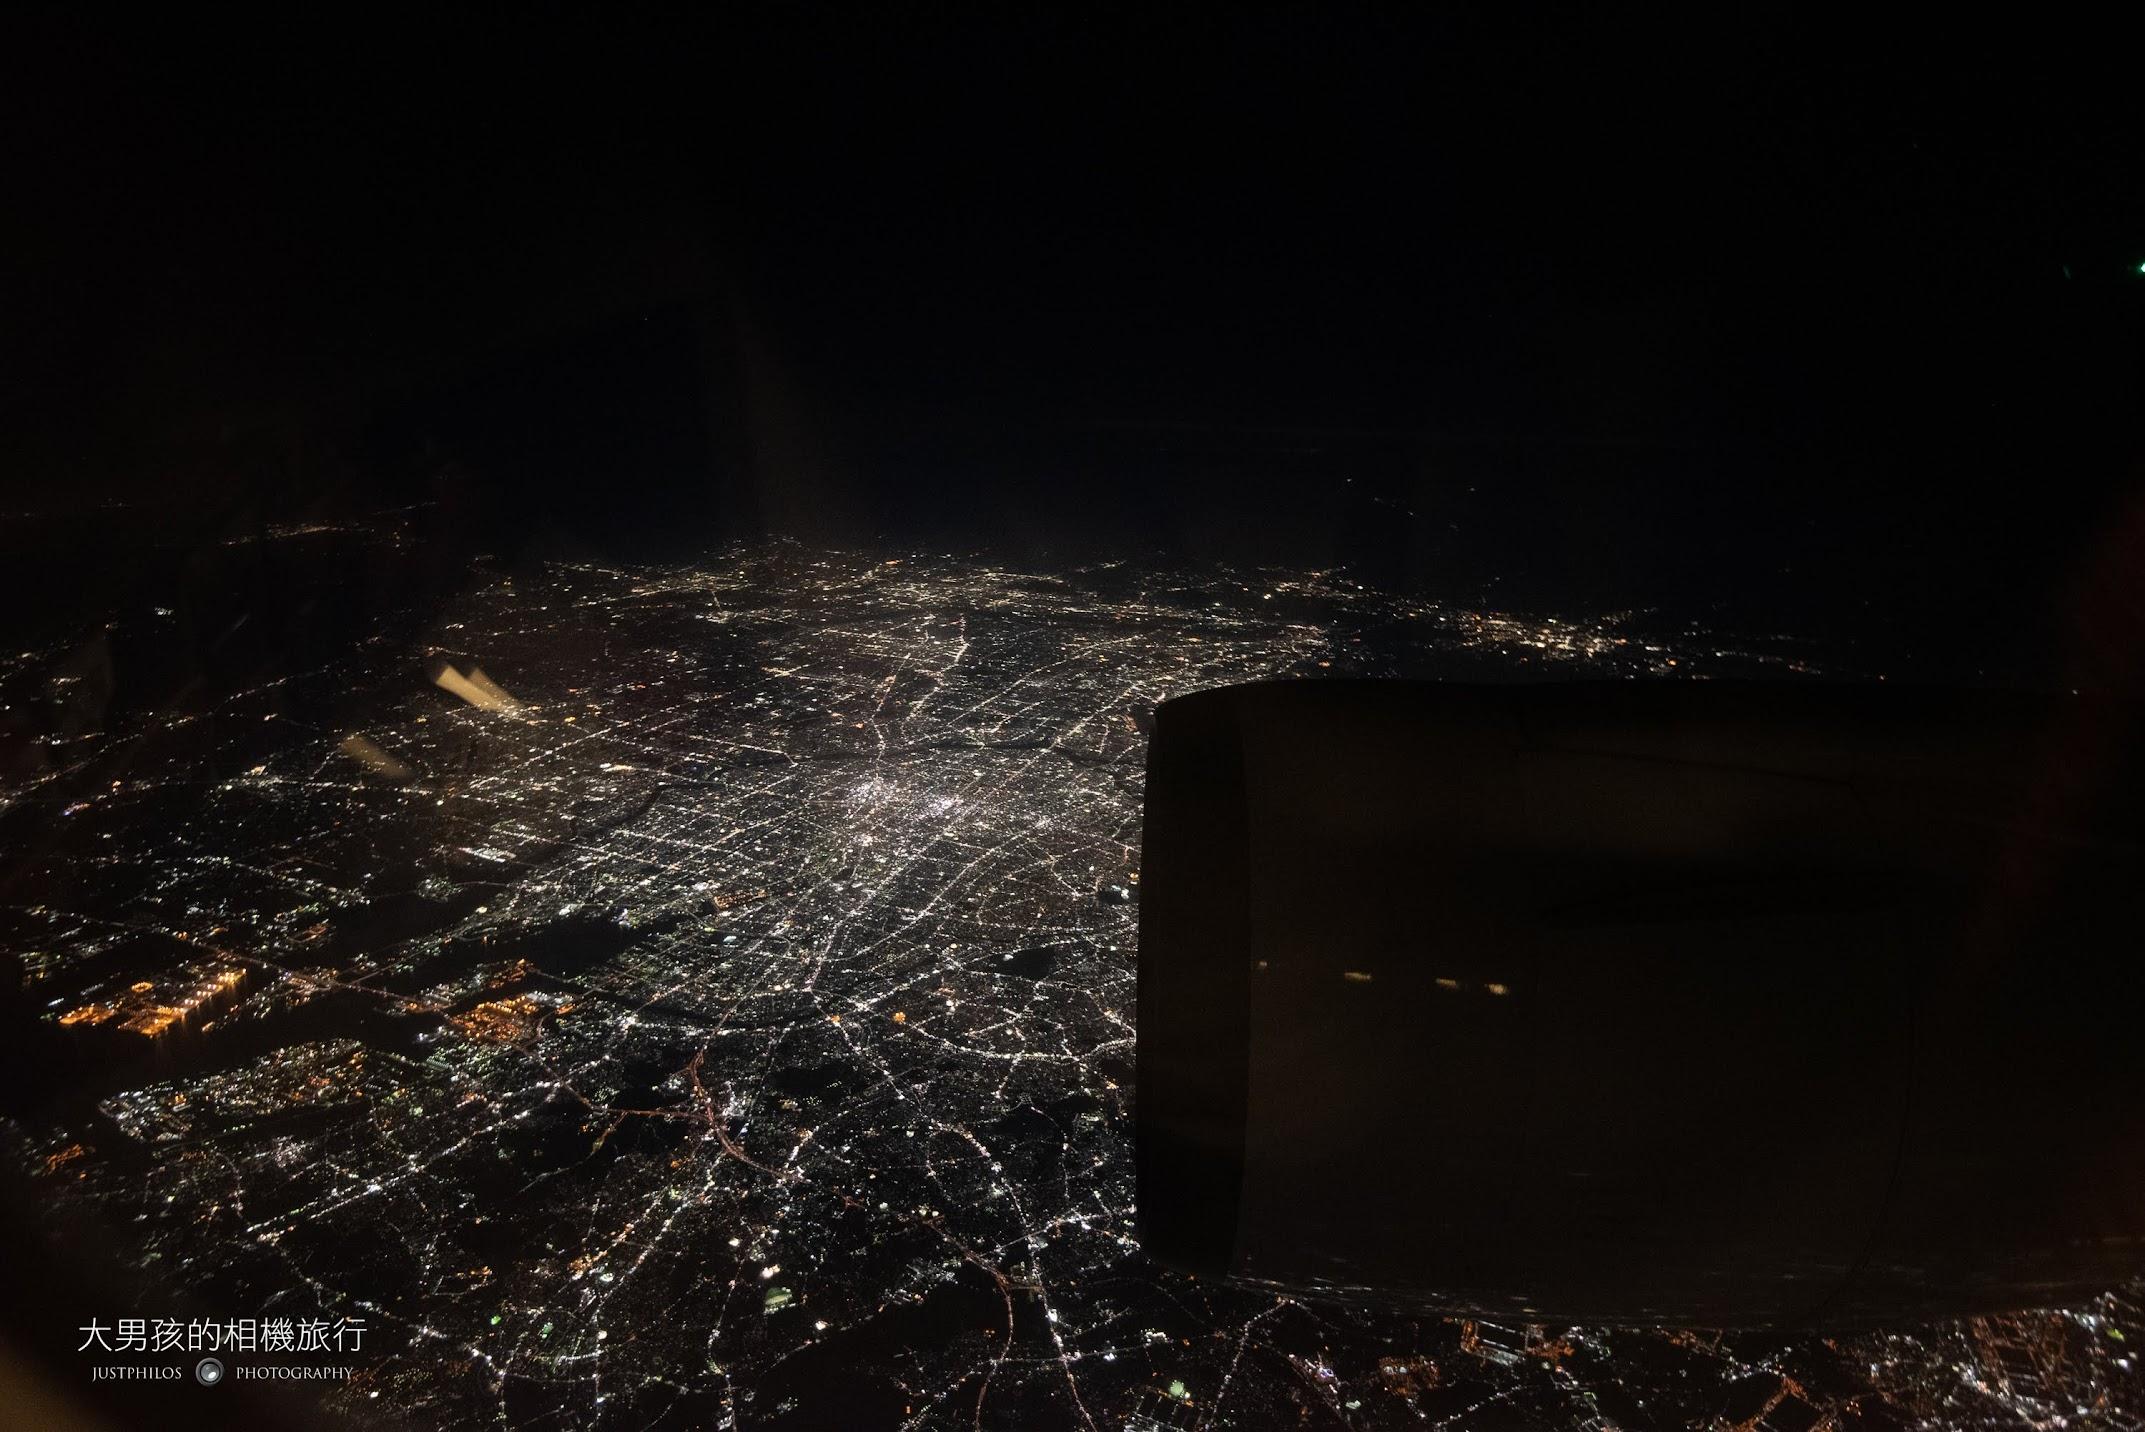 晚上回程若選在靠窗的座位,可以拍攝璀璨的日本城市夜景。